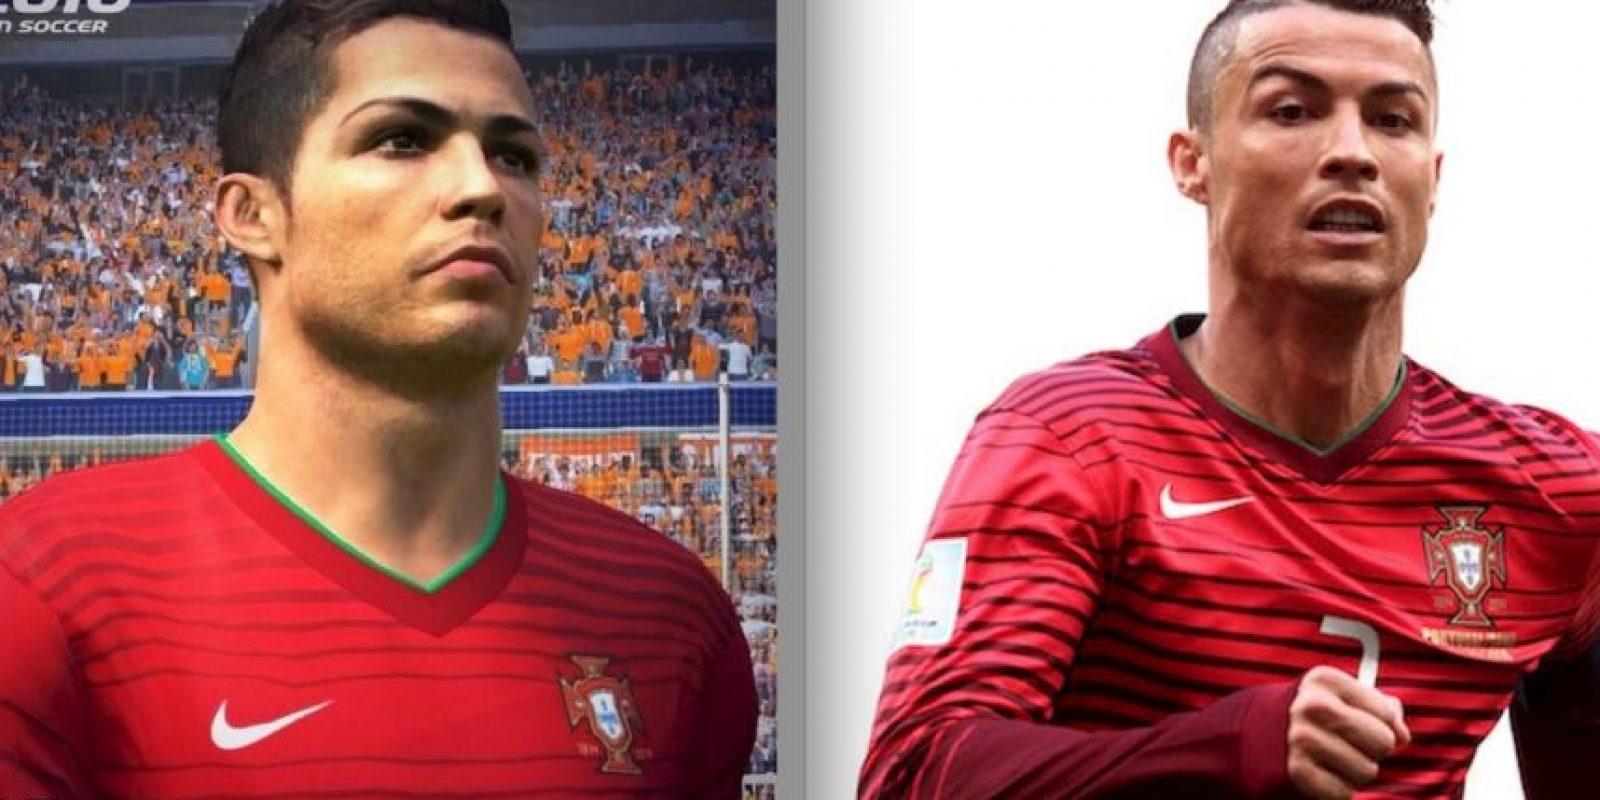 Estas son las diferencias entre los futbolistas del PES 2015 y la vida real. Foto:Konami / Getty Images